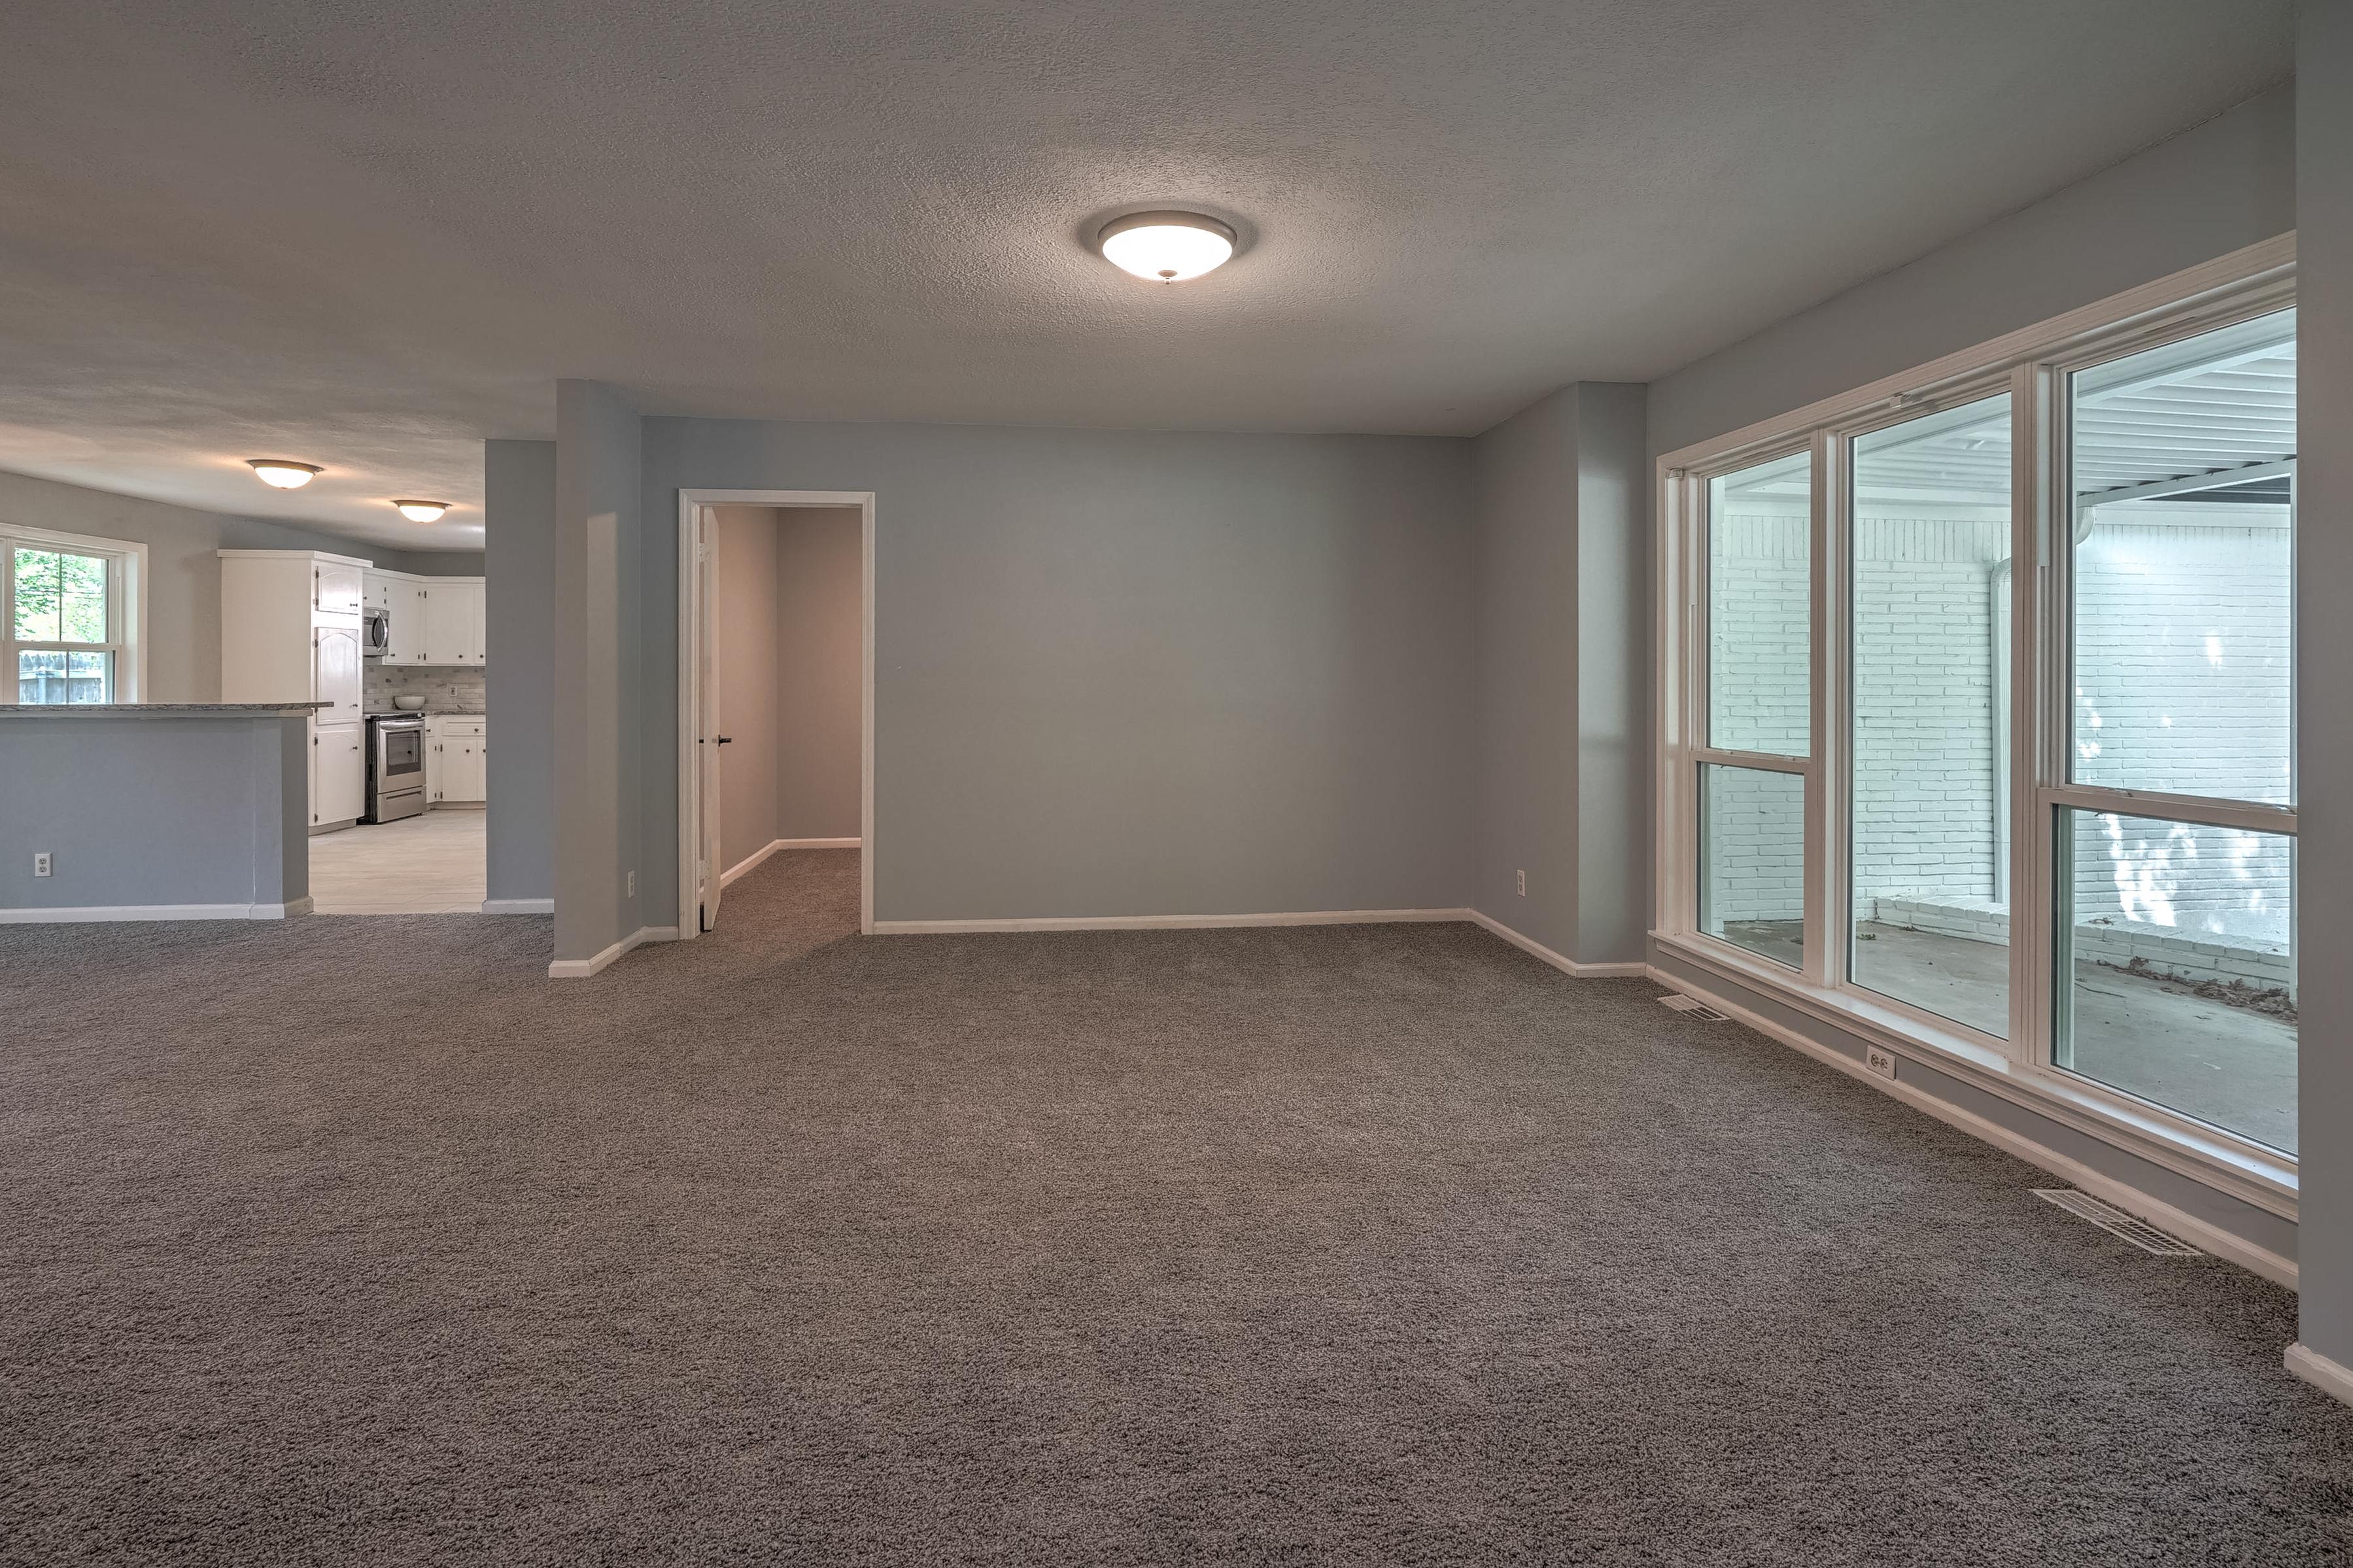 3618 S Braden Place Property Photo 4